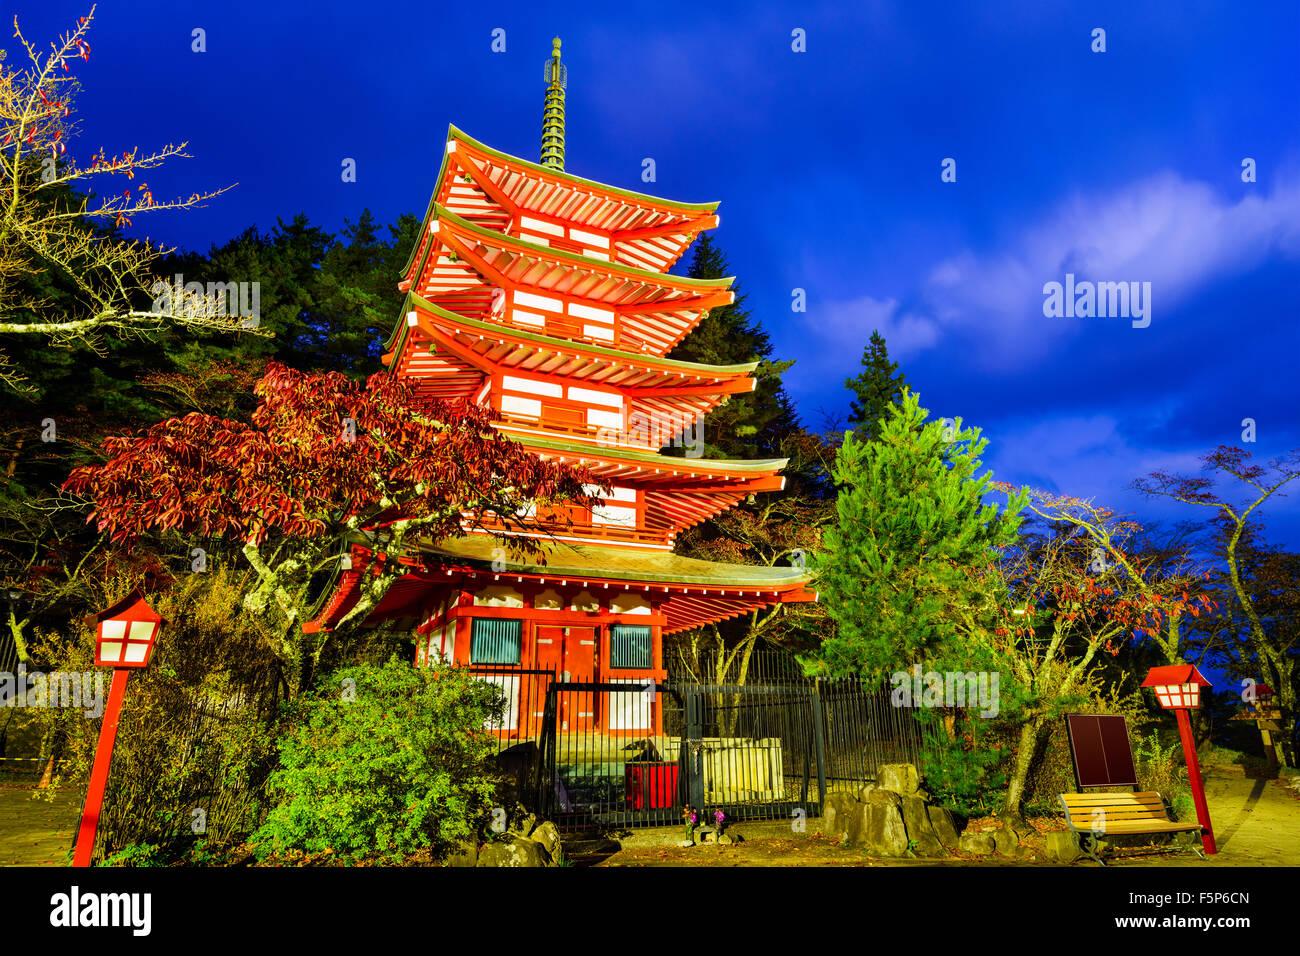 Chureito Pagoda of Arakurasengen Shrine in Fujiyoshida, Japan. - Stock Image